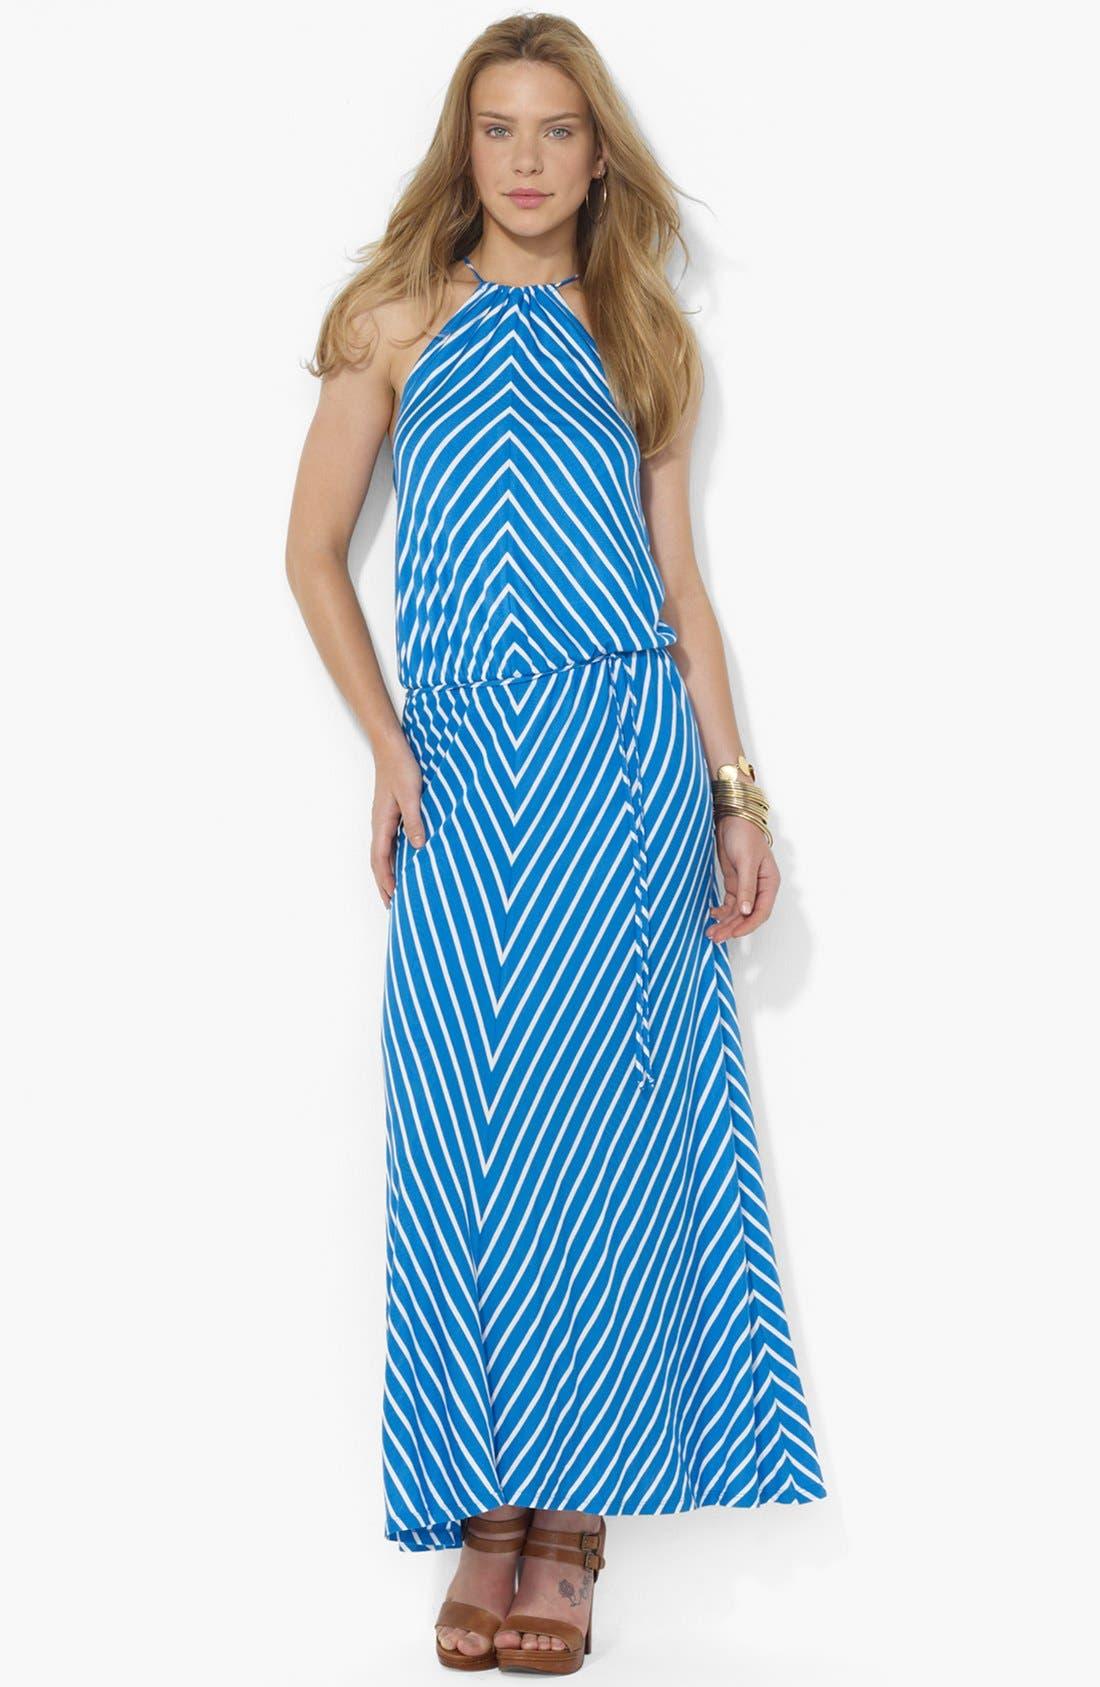 Alternate Image 1 Selected - Lauren Ralph Lauren Cutaway Halter Maxi Dress (Petite)